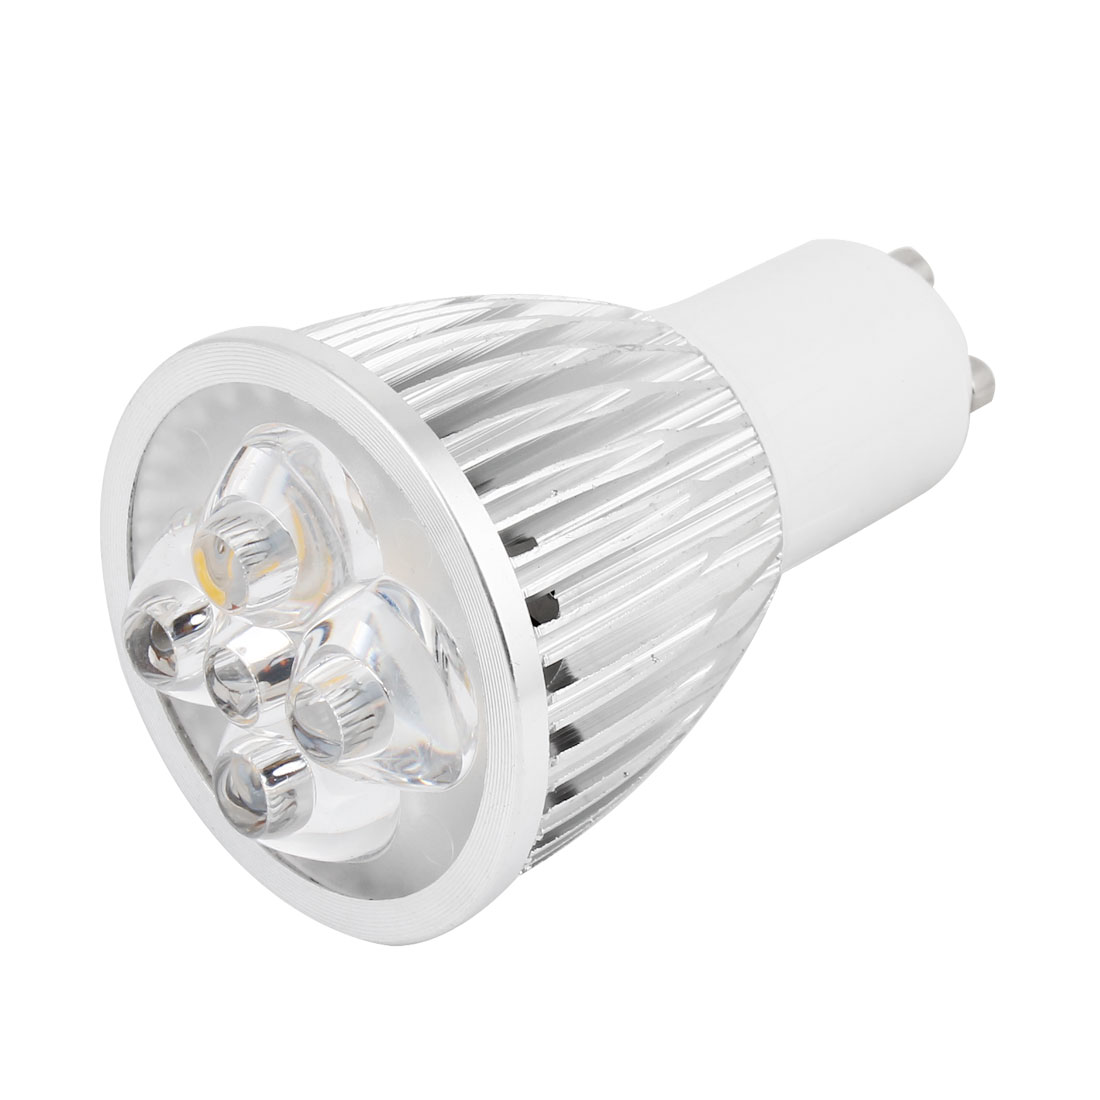 GU10 5 LEDs Warm White LED Spotlight Light Lamp Bulb AC 85-265V 5 Watt